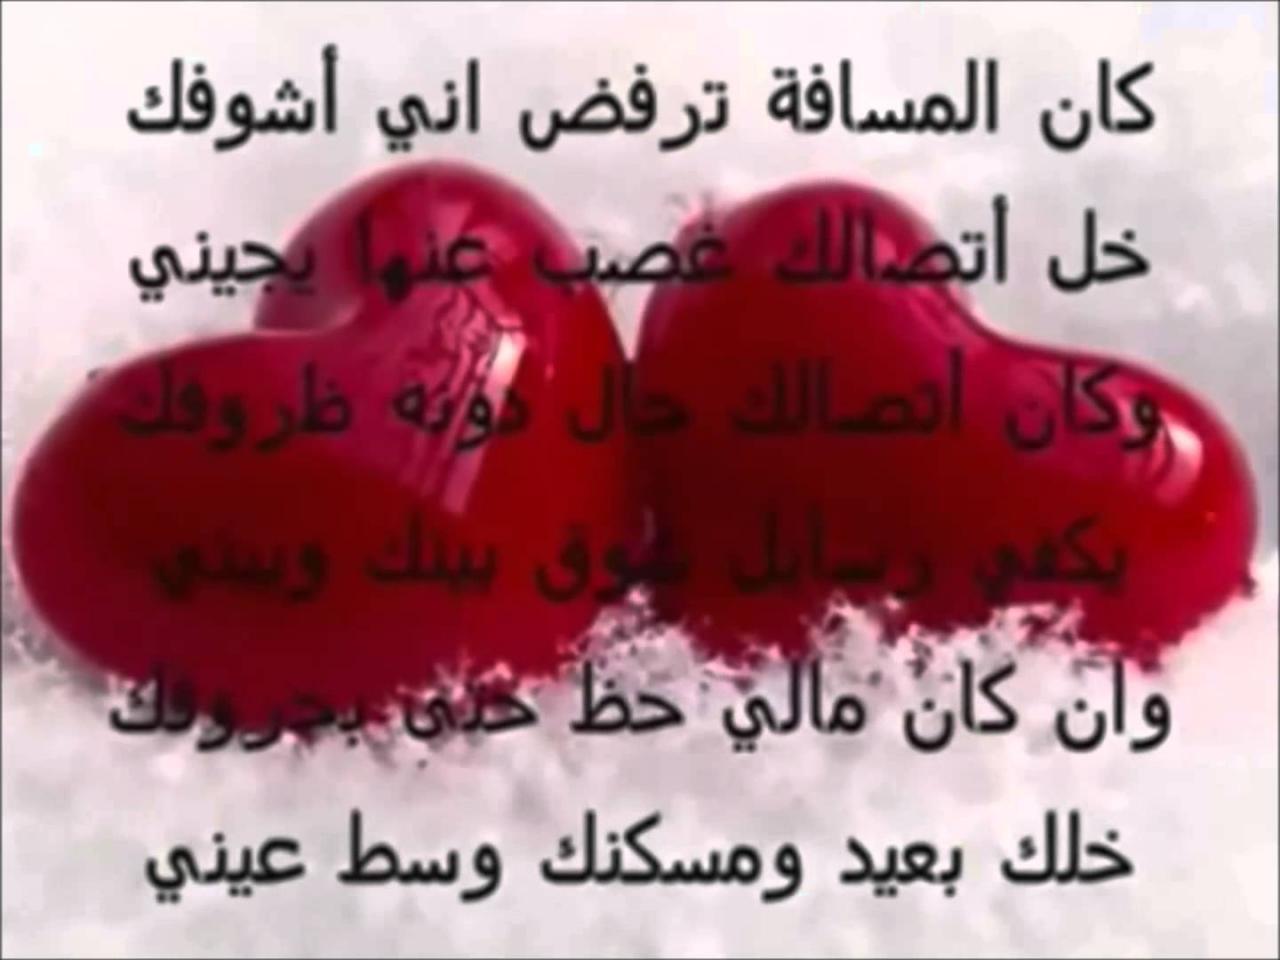 صورة اجمل اشعار الحب والغرام , بالصور اروع قصائد الحب والغرام